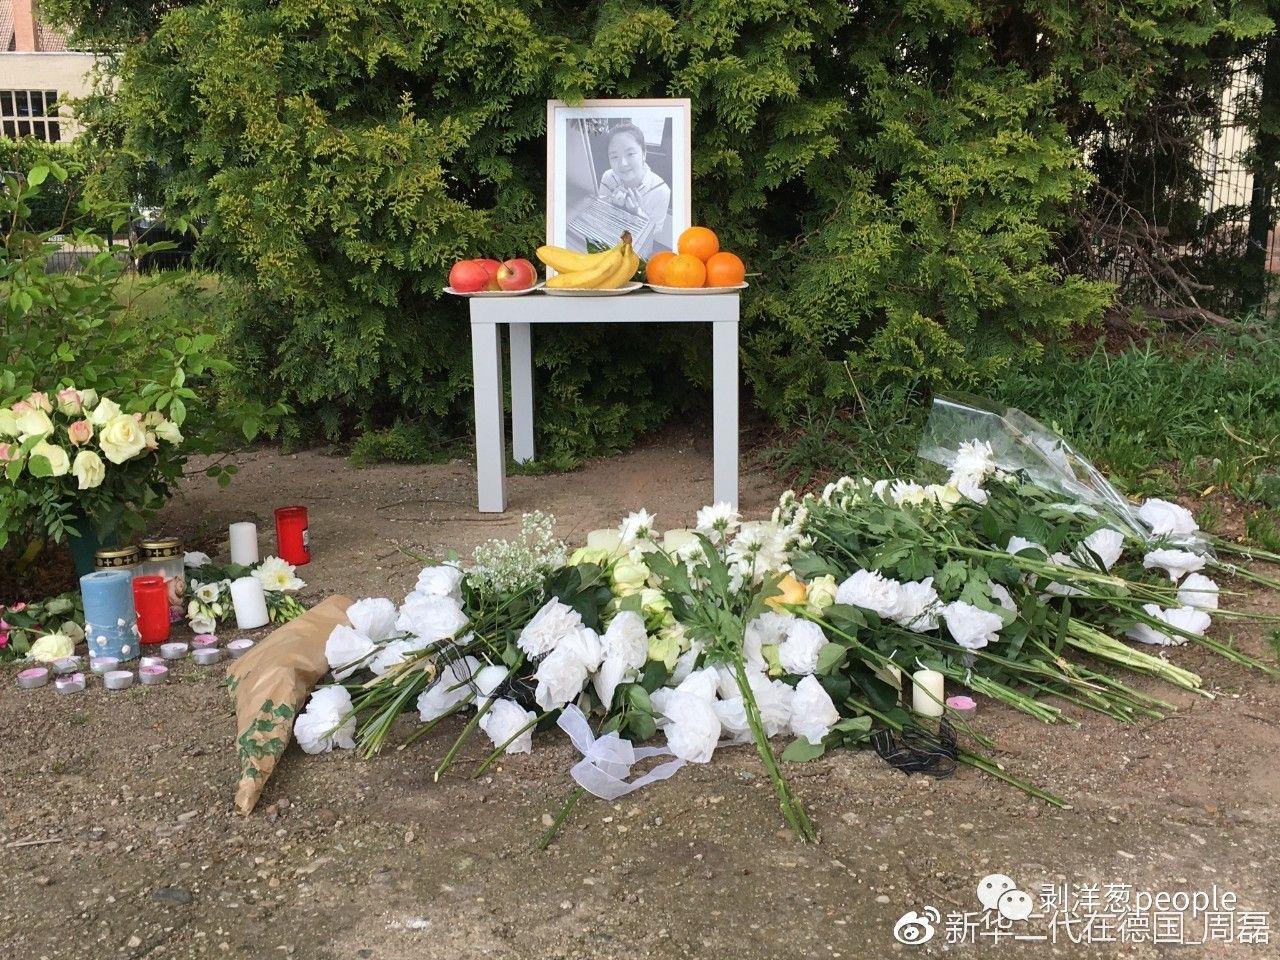 悼念现场,人们为李洋洁送去了她最爱的白玫瑰。